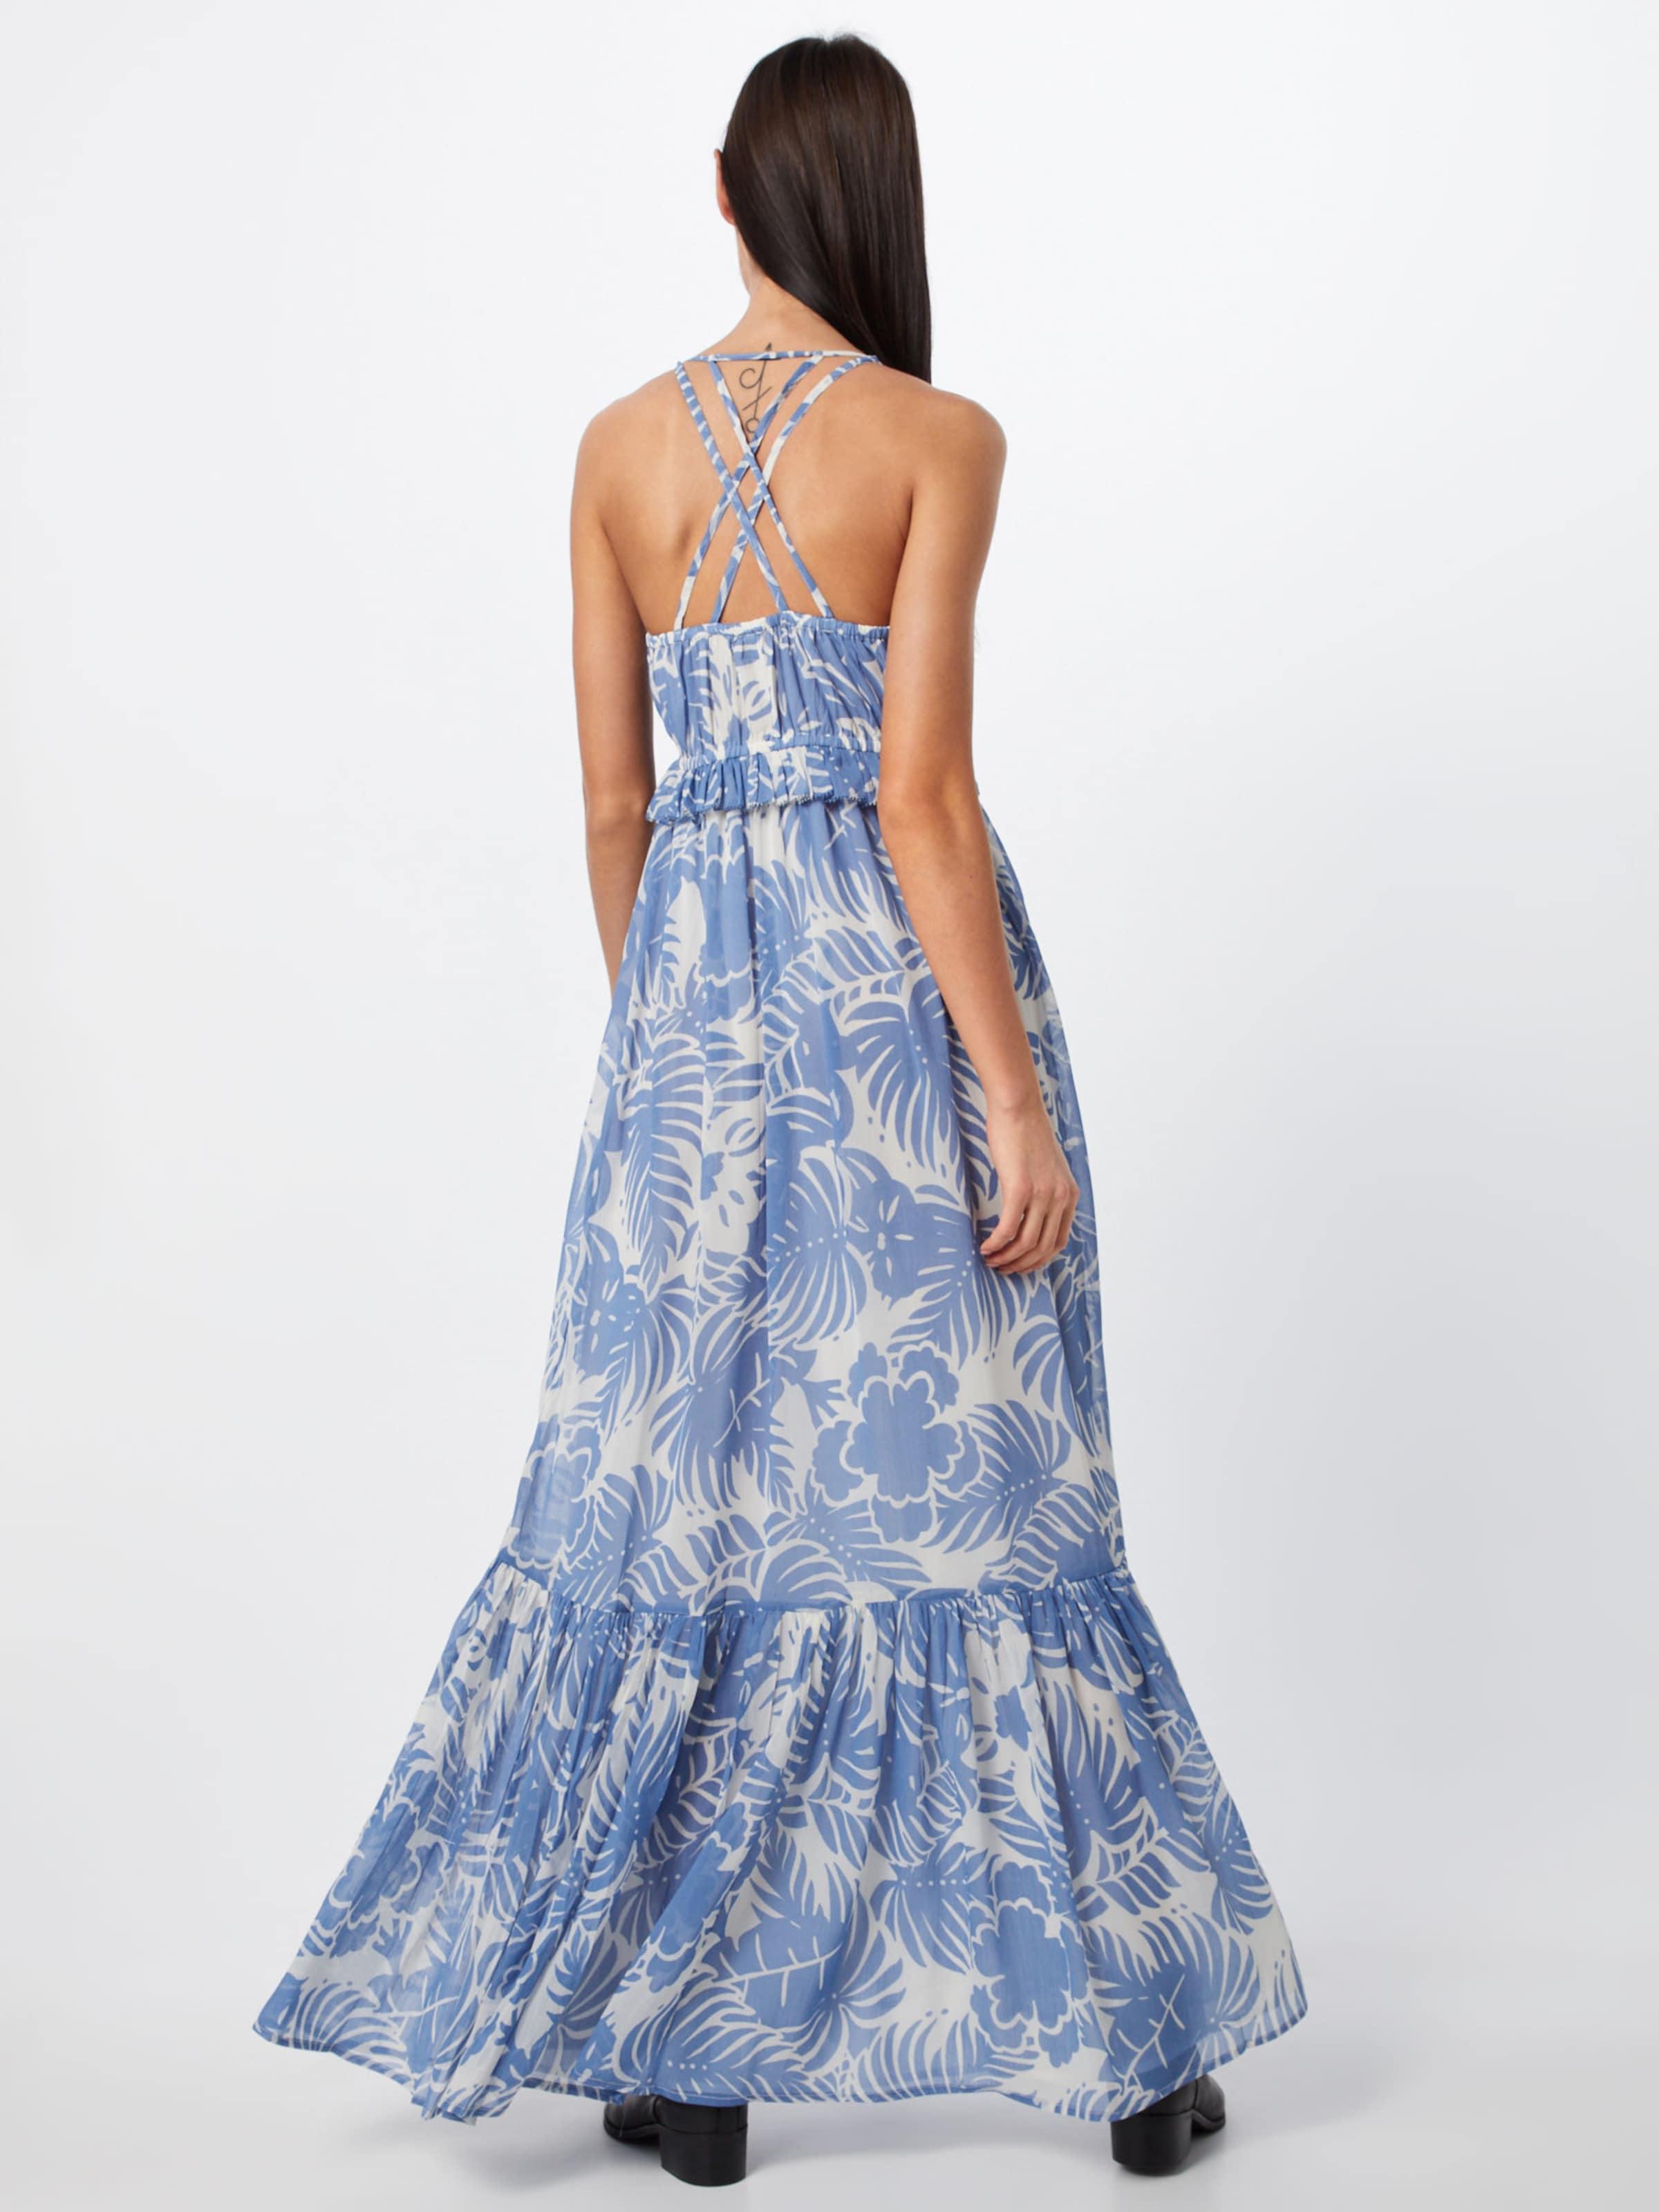 Jeans 'olivia' In Kleid BlauWeiß Pepe 3Rj4A5L